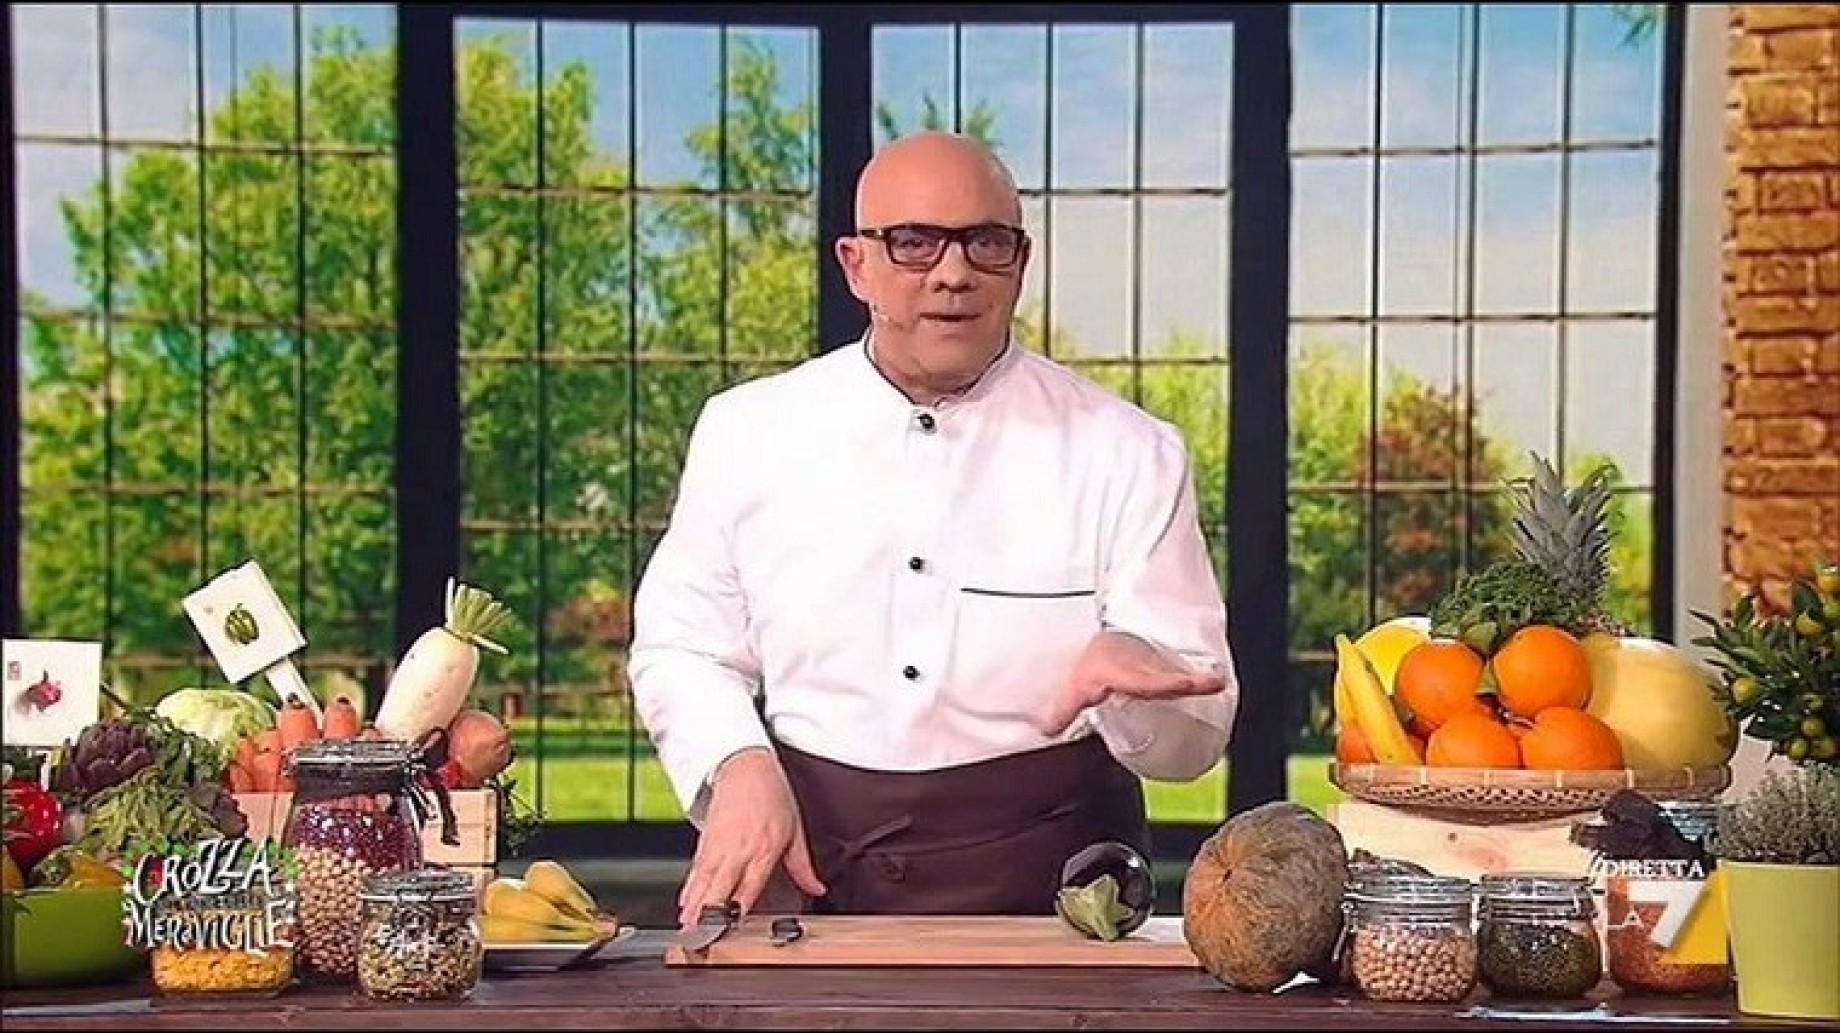 Chef vegano_rid